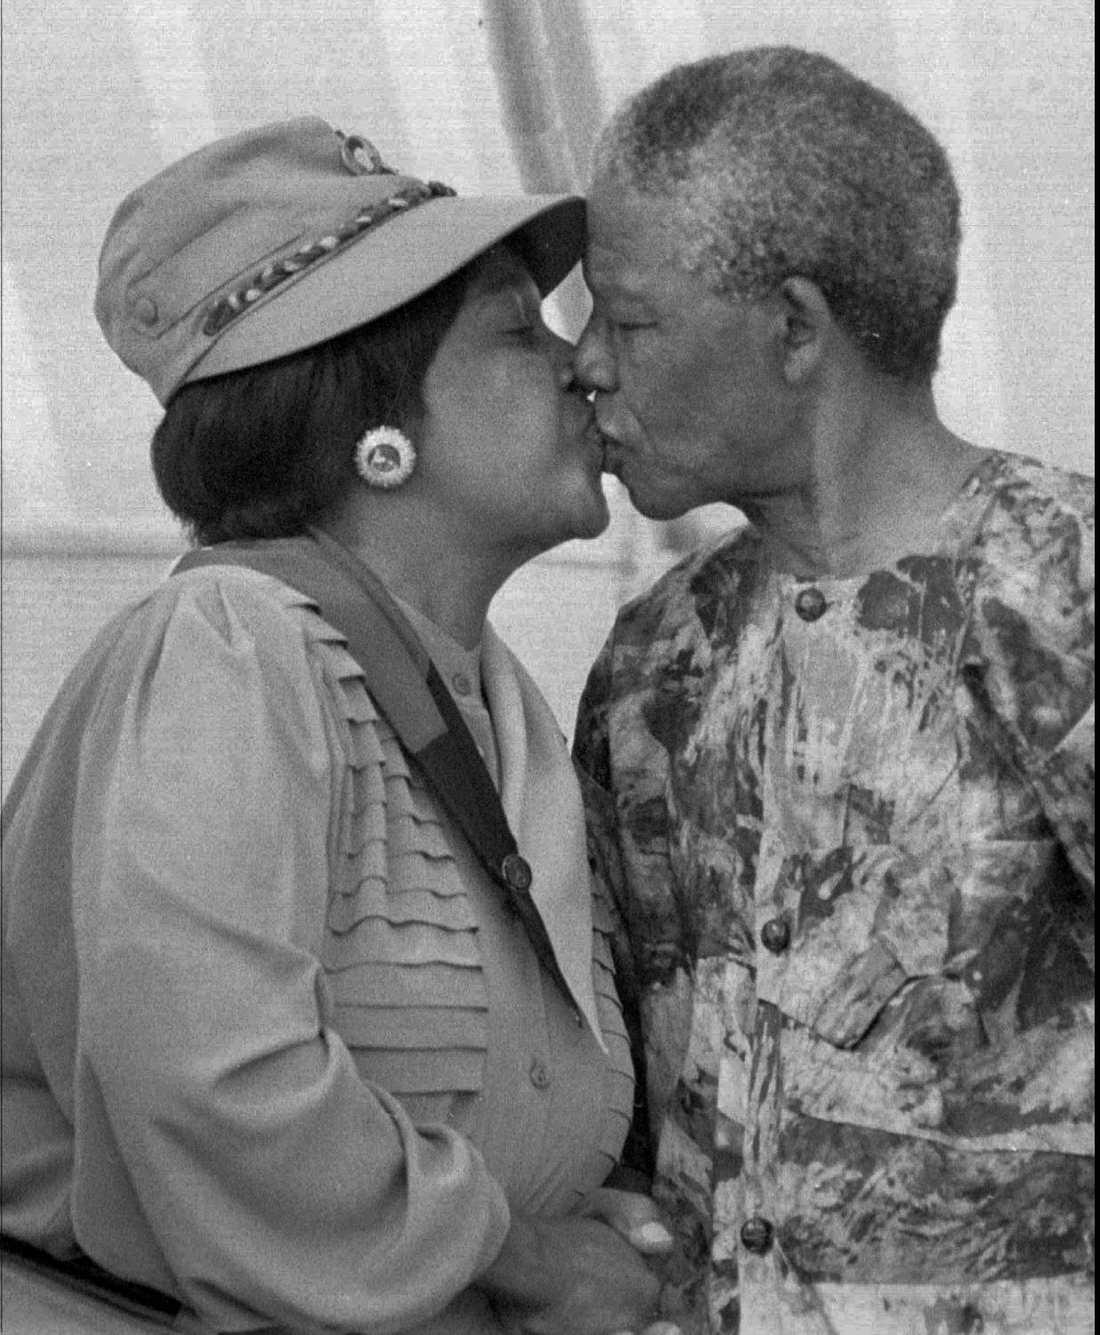 Mandelas andra fru var Winnie Madikizela-Mandela. De träffades i Johannesburg där hon var stadens första svarta socialarbetare. Senare skulle Winnie Mandelas familjeband slitas av samma konflikt som hemsökte landet under samma period; samtidigt som hennes make satt fängslad på Robben Island för terrorism och landsförräderi utnämndes Winnies far till jordbruksminister i Transkeiprovinsen. Äktenskapet slutade i separation i april 1992 och i skilsmässa i mars 1996. De har två döttrar tillsammans.